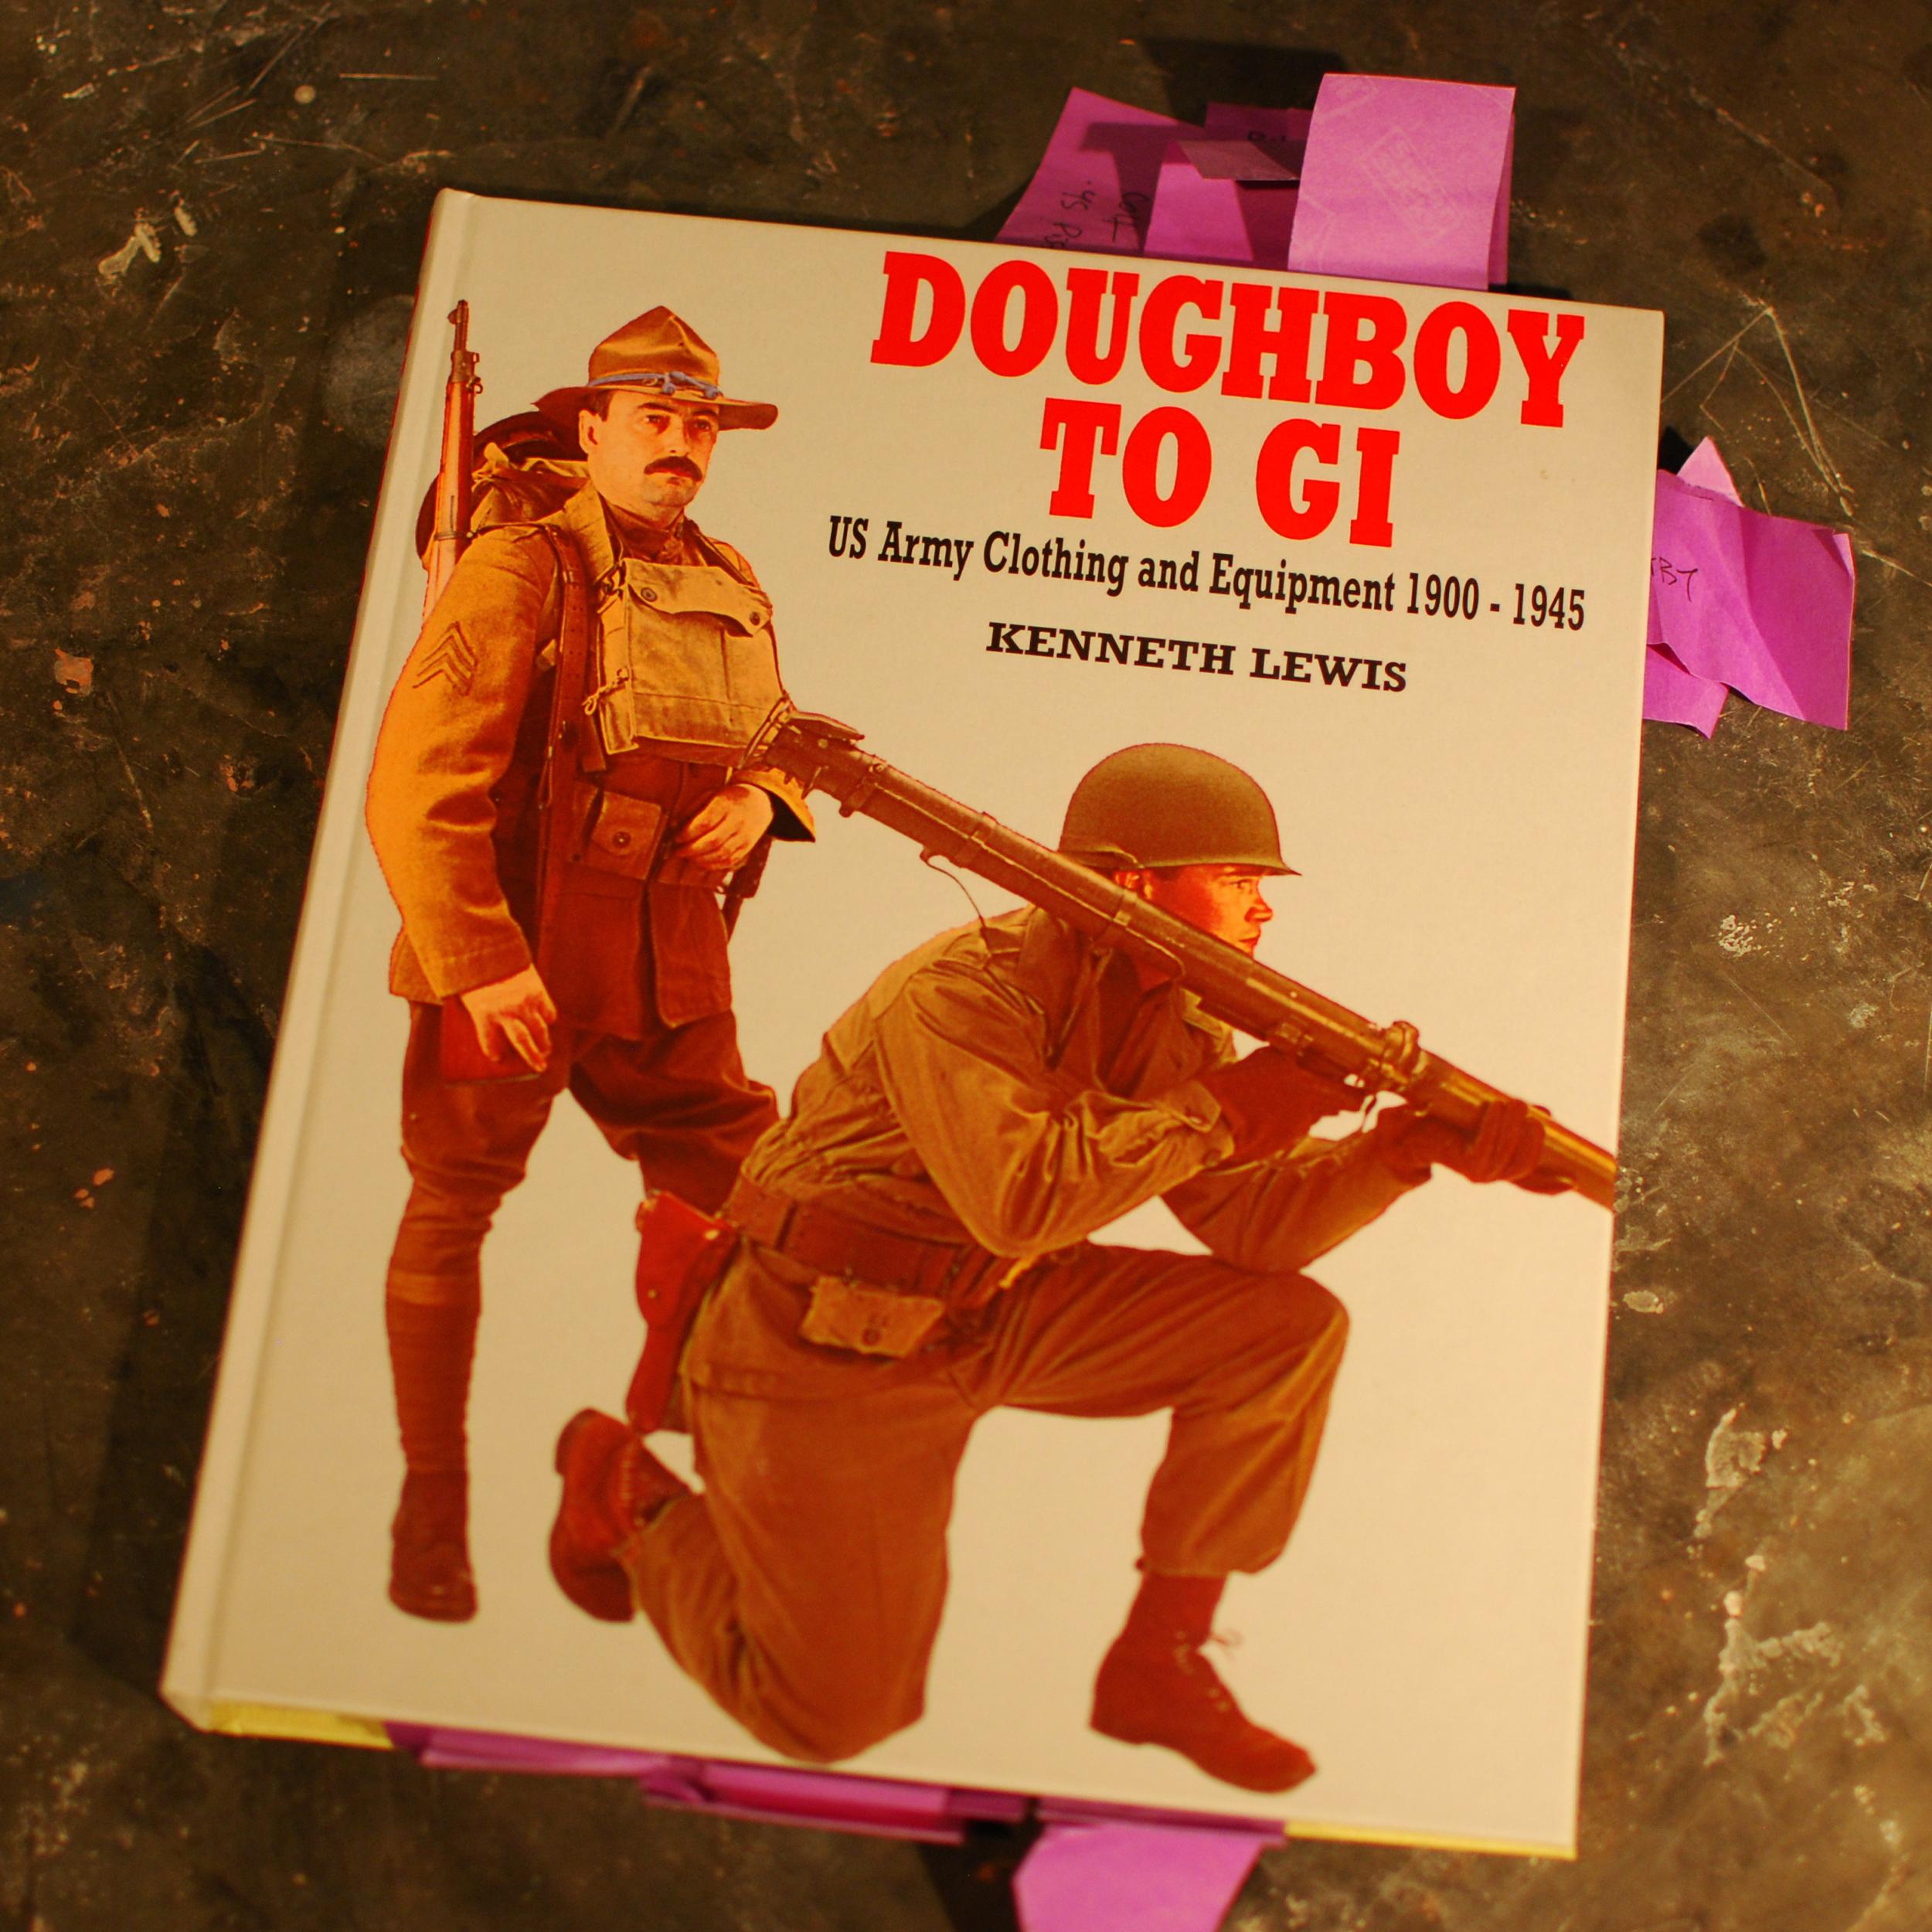 'Doughboy to GI'